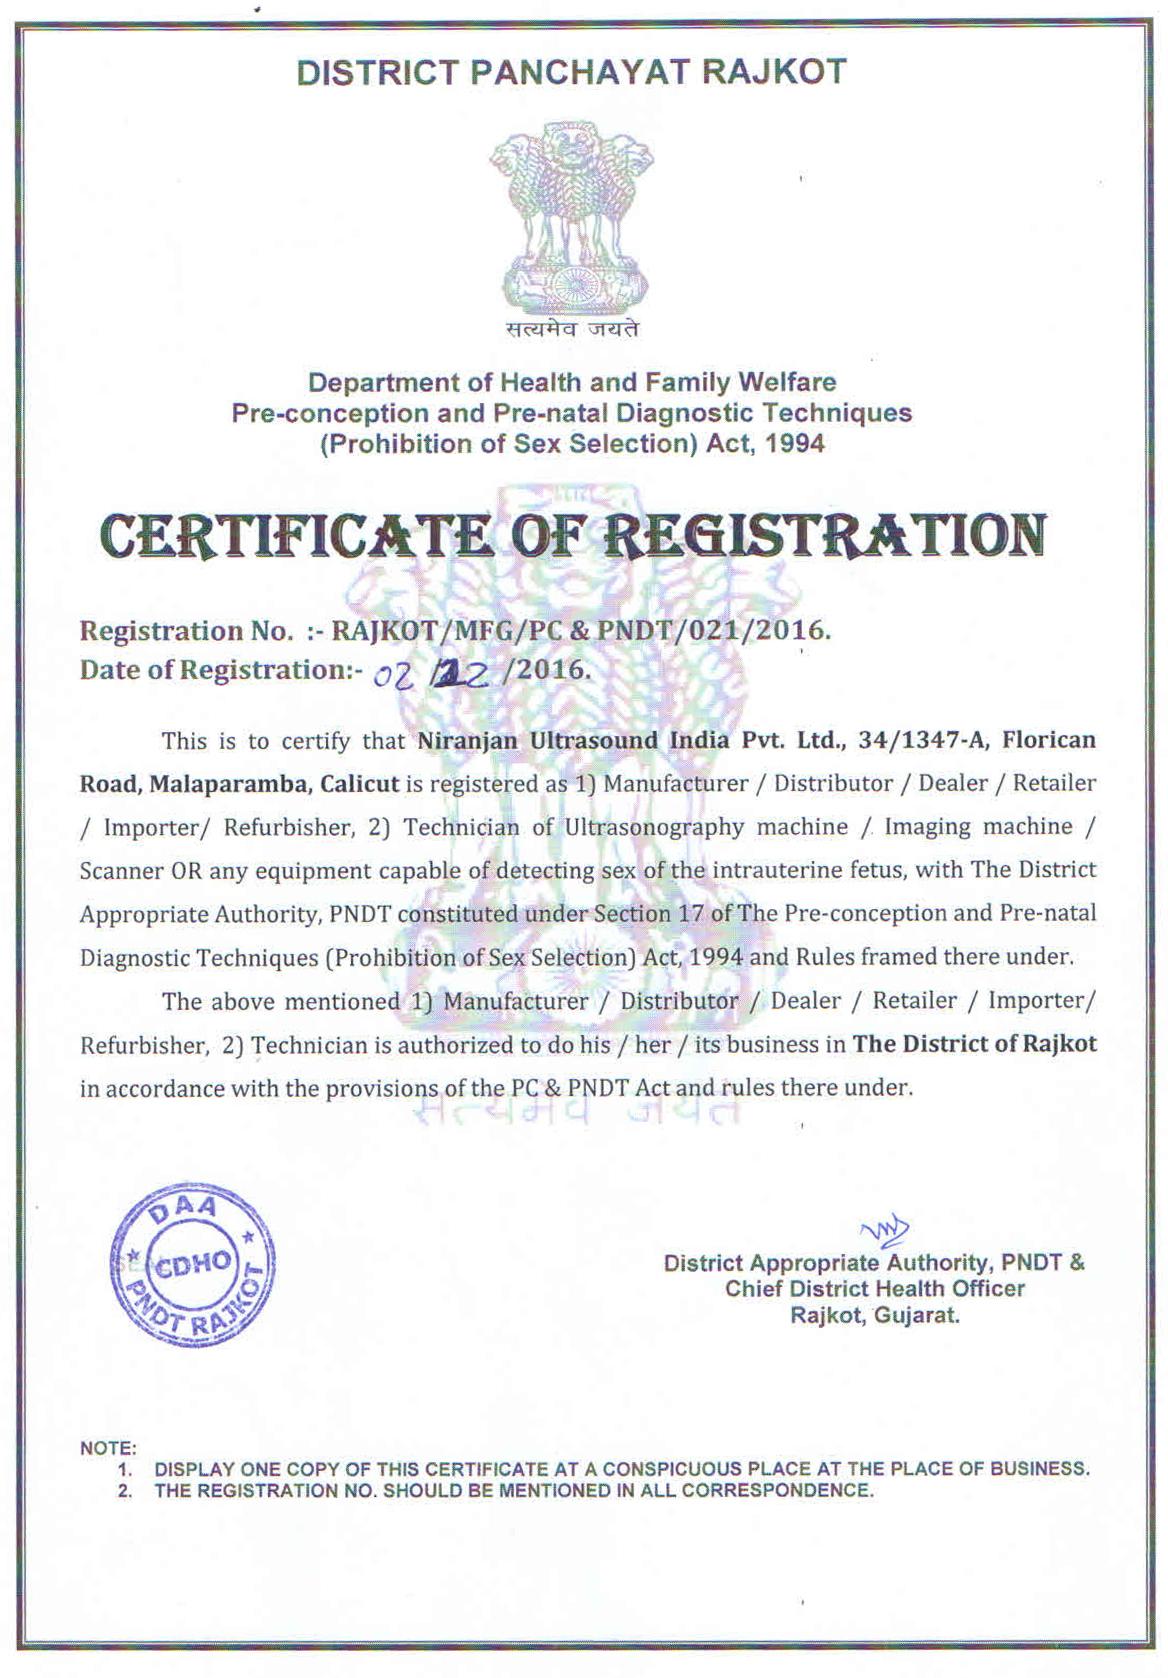 Rajkot PNDT Certificate